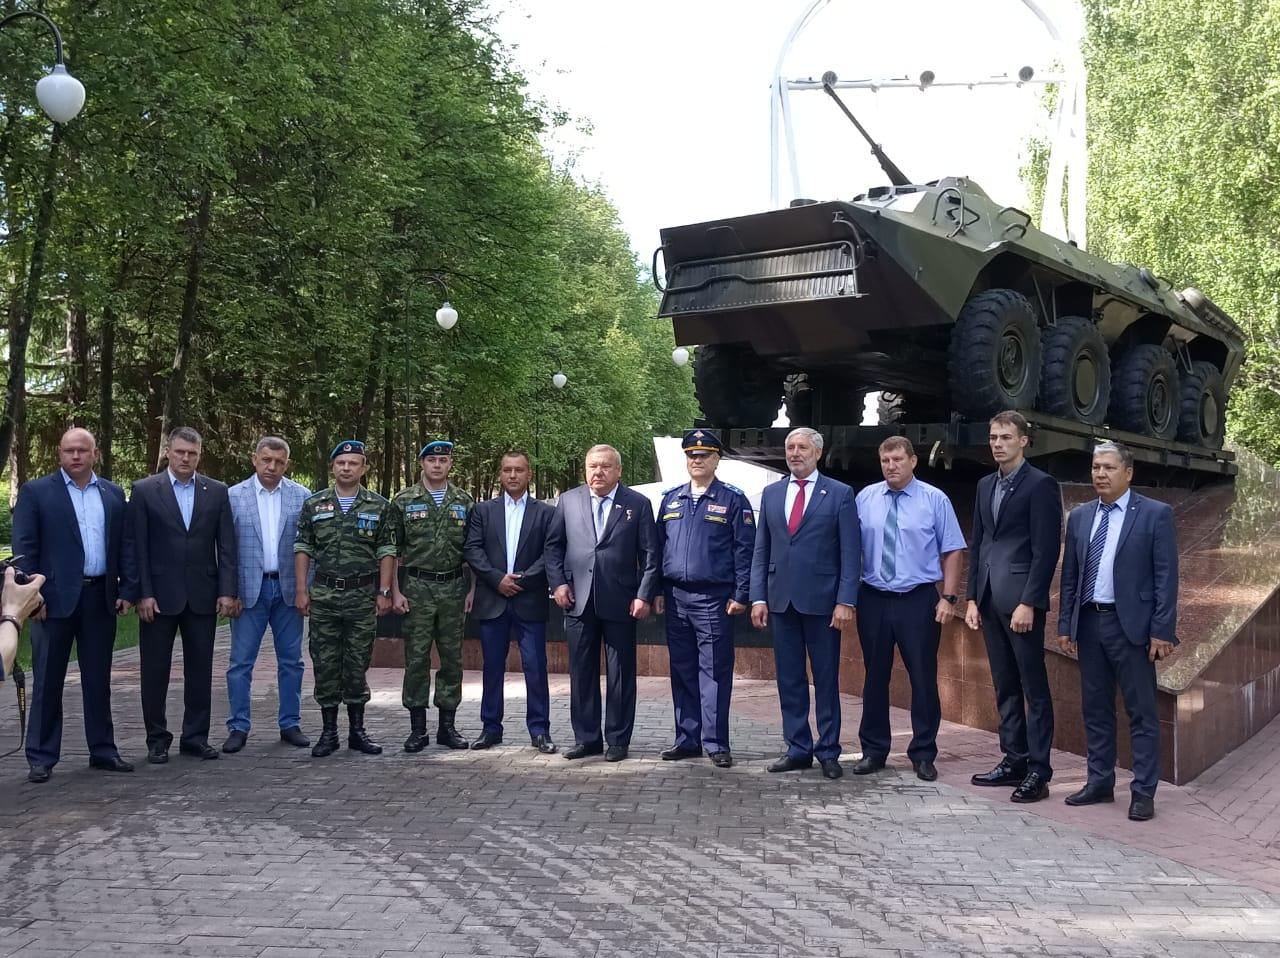 Герой России Владимир Анатольевич Шаманов возложил цветы к памятнику погибшим десантникам в Уфе